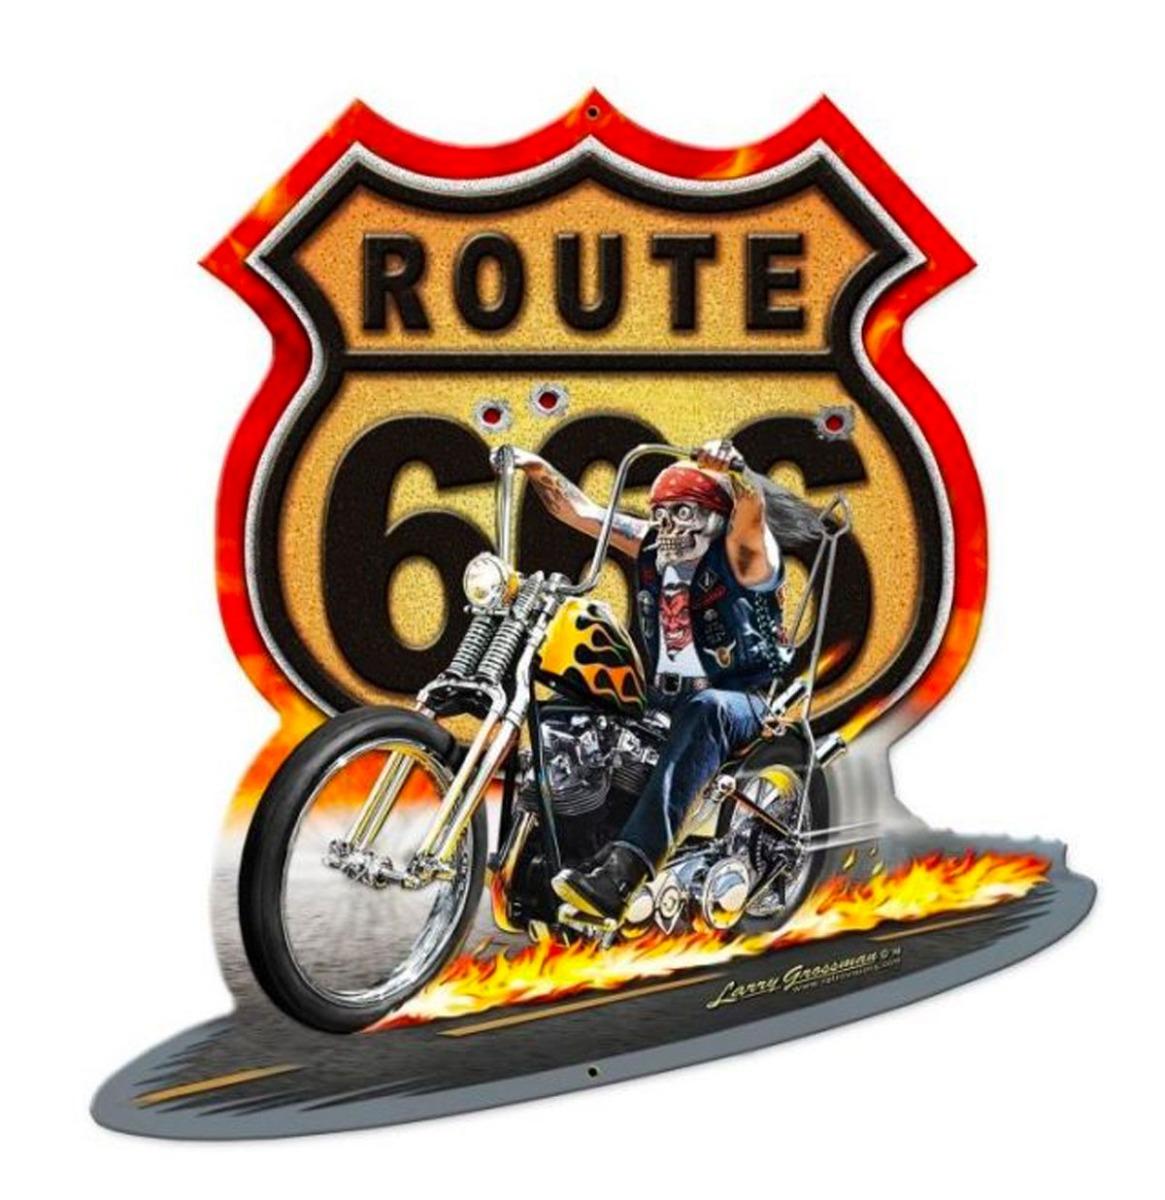 Route 666 Motorbike Zwaar Metalen Bord 45x43 cm